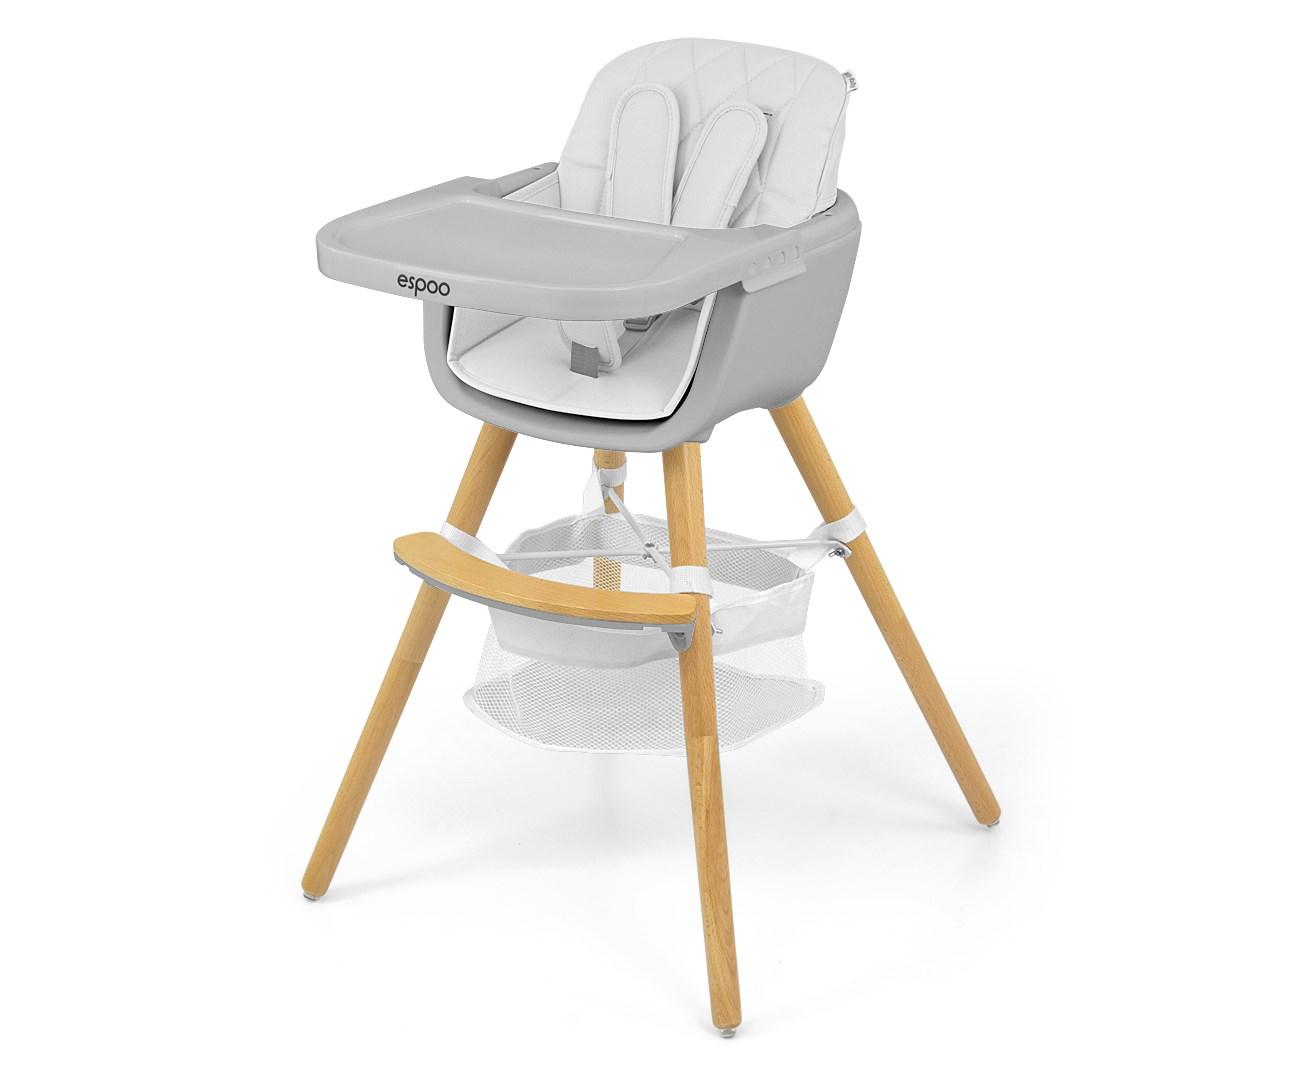 Jídelní židlička Milly Mally 2v1 Espoo bílá